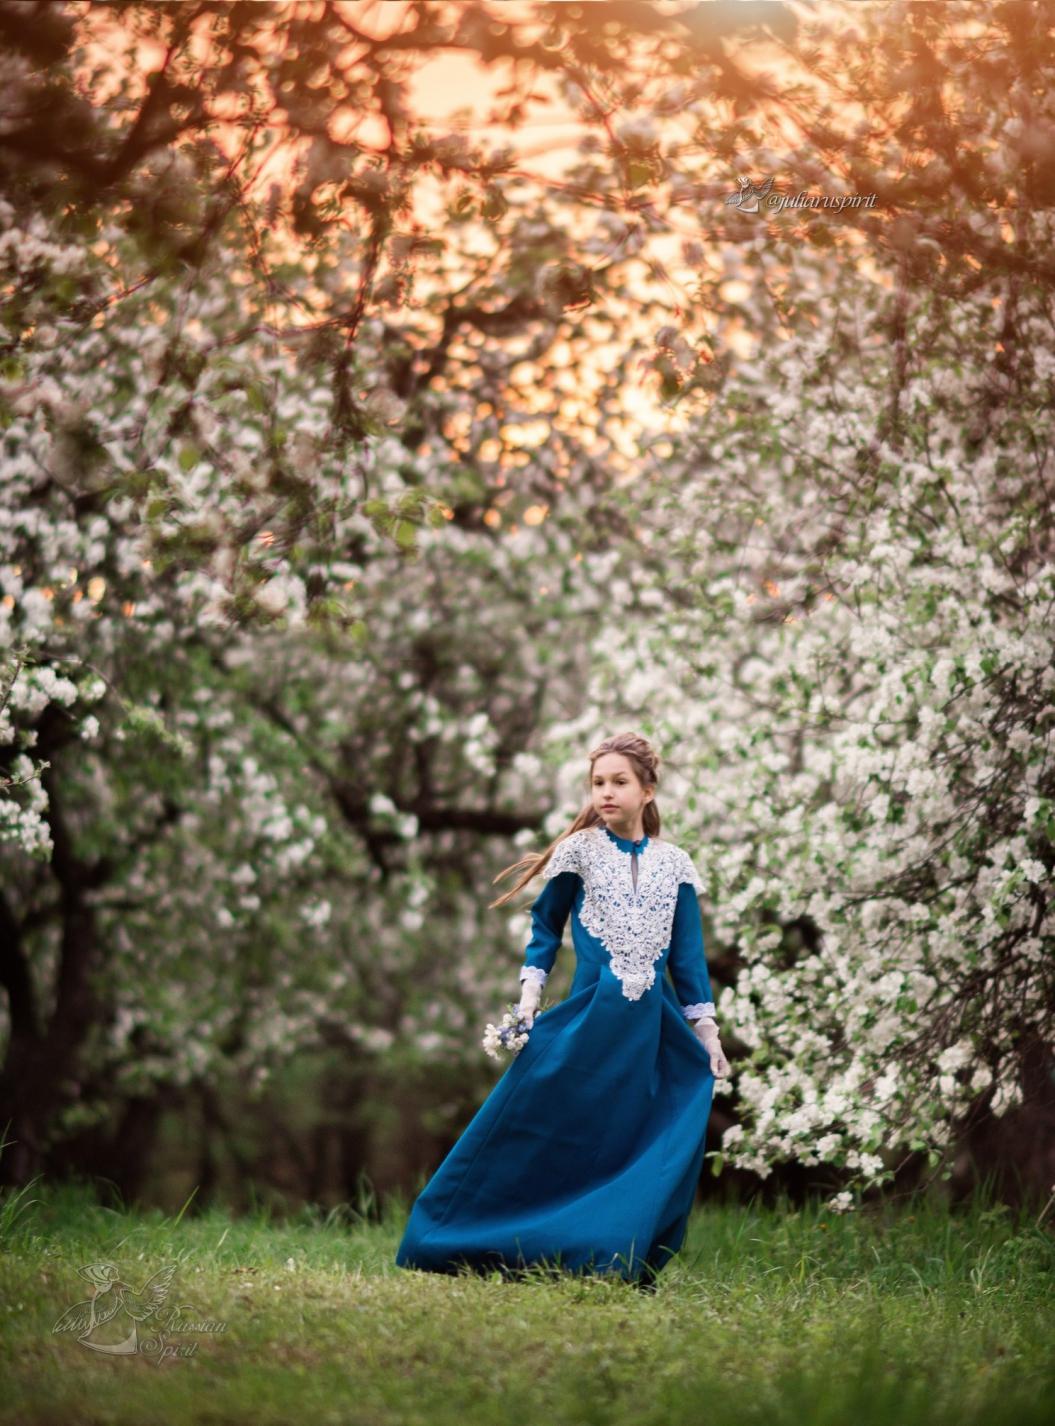 Девочка в синем винтажном платье в яблоневом саду